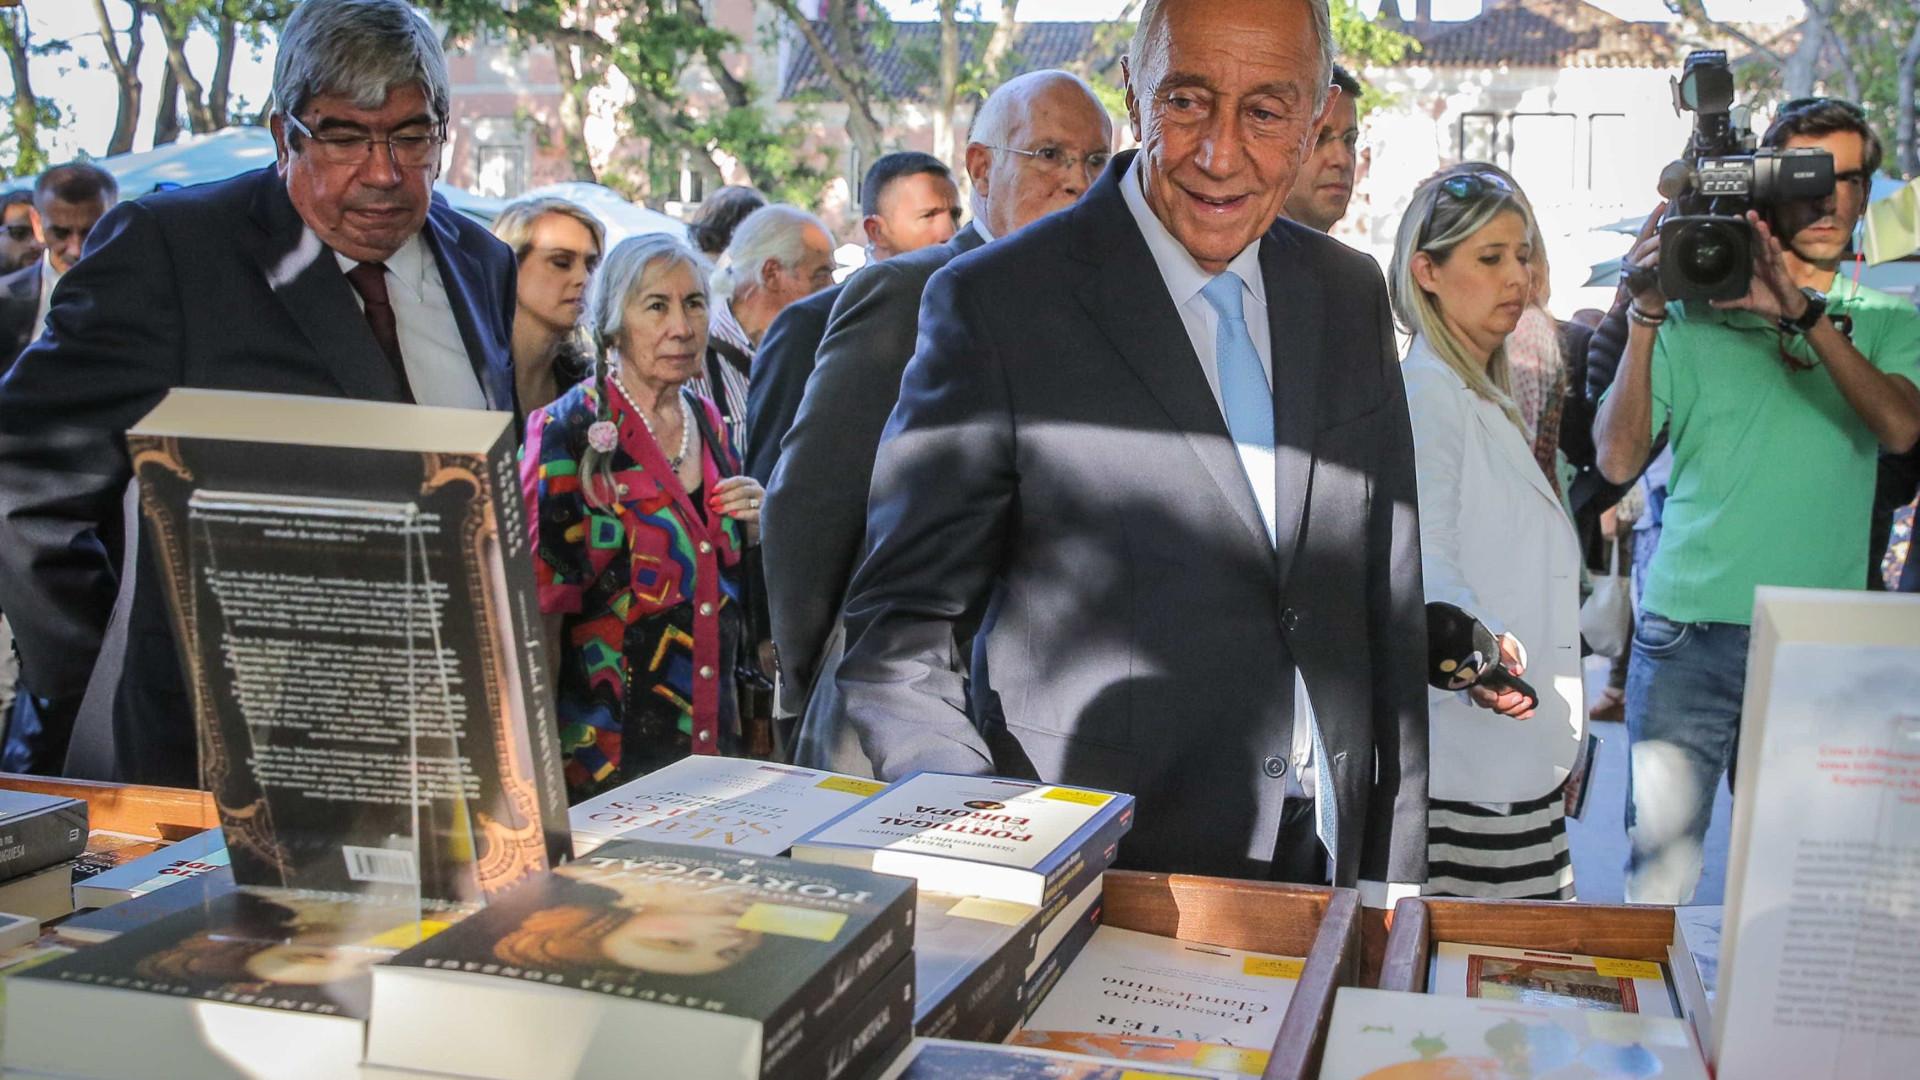 Festa do Livro regressa ao Palácio de Belém já esta semana